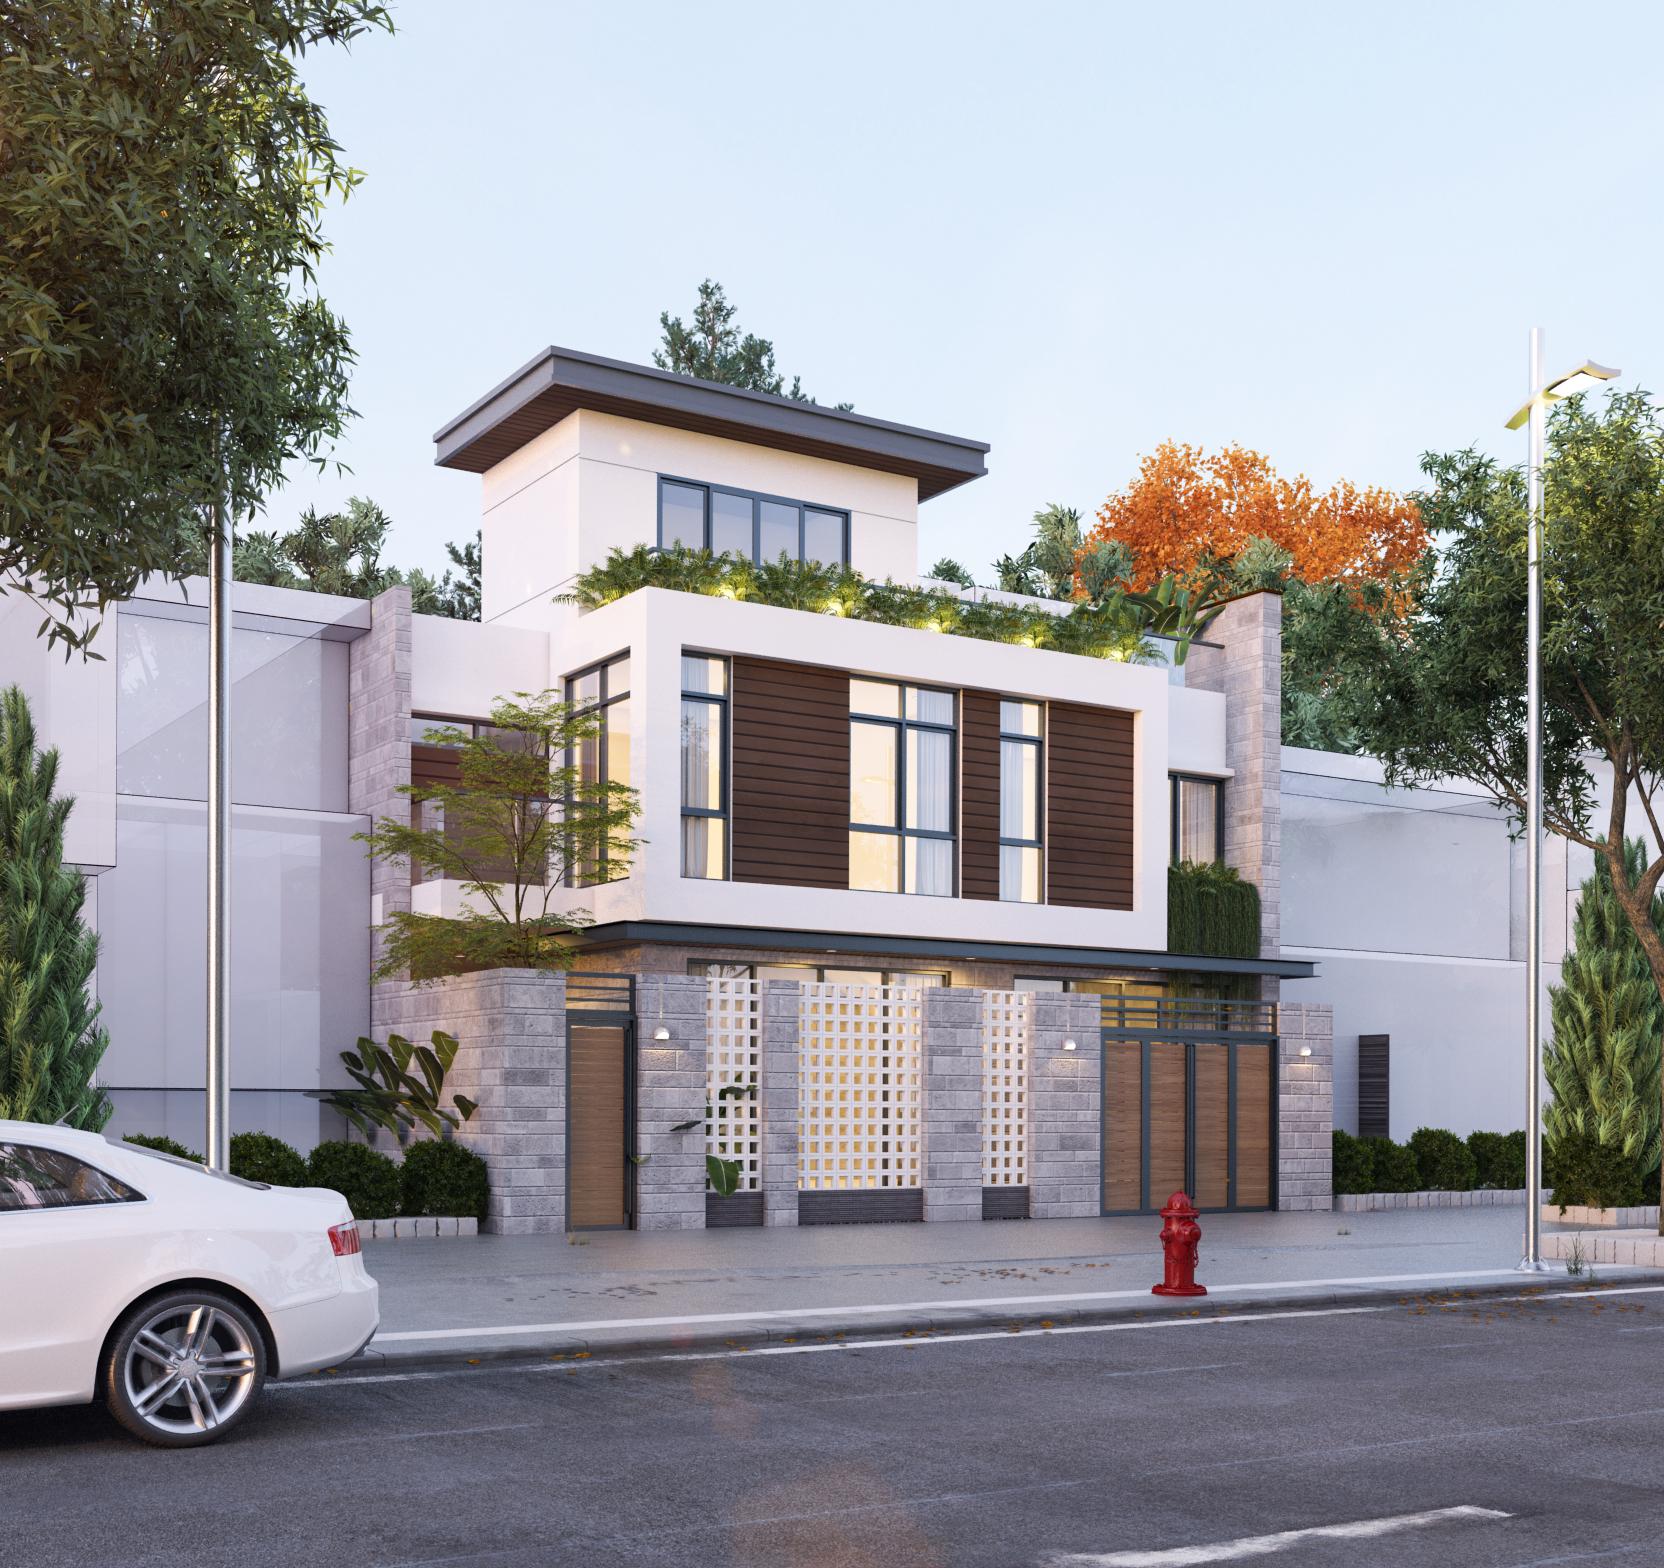 thiết kế Nhà tại Hồ Chí Minh Ms. Thảo House 1 1562574463